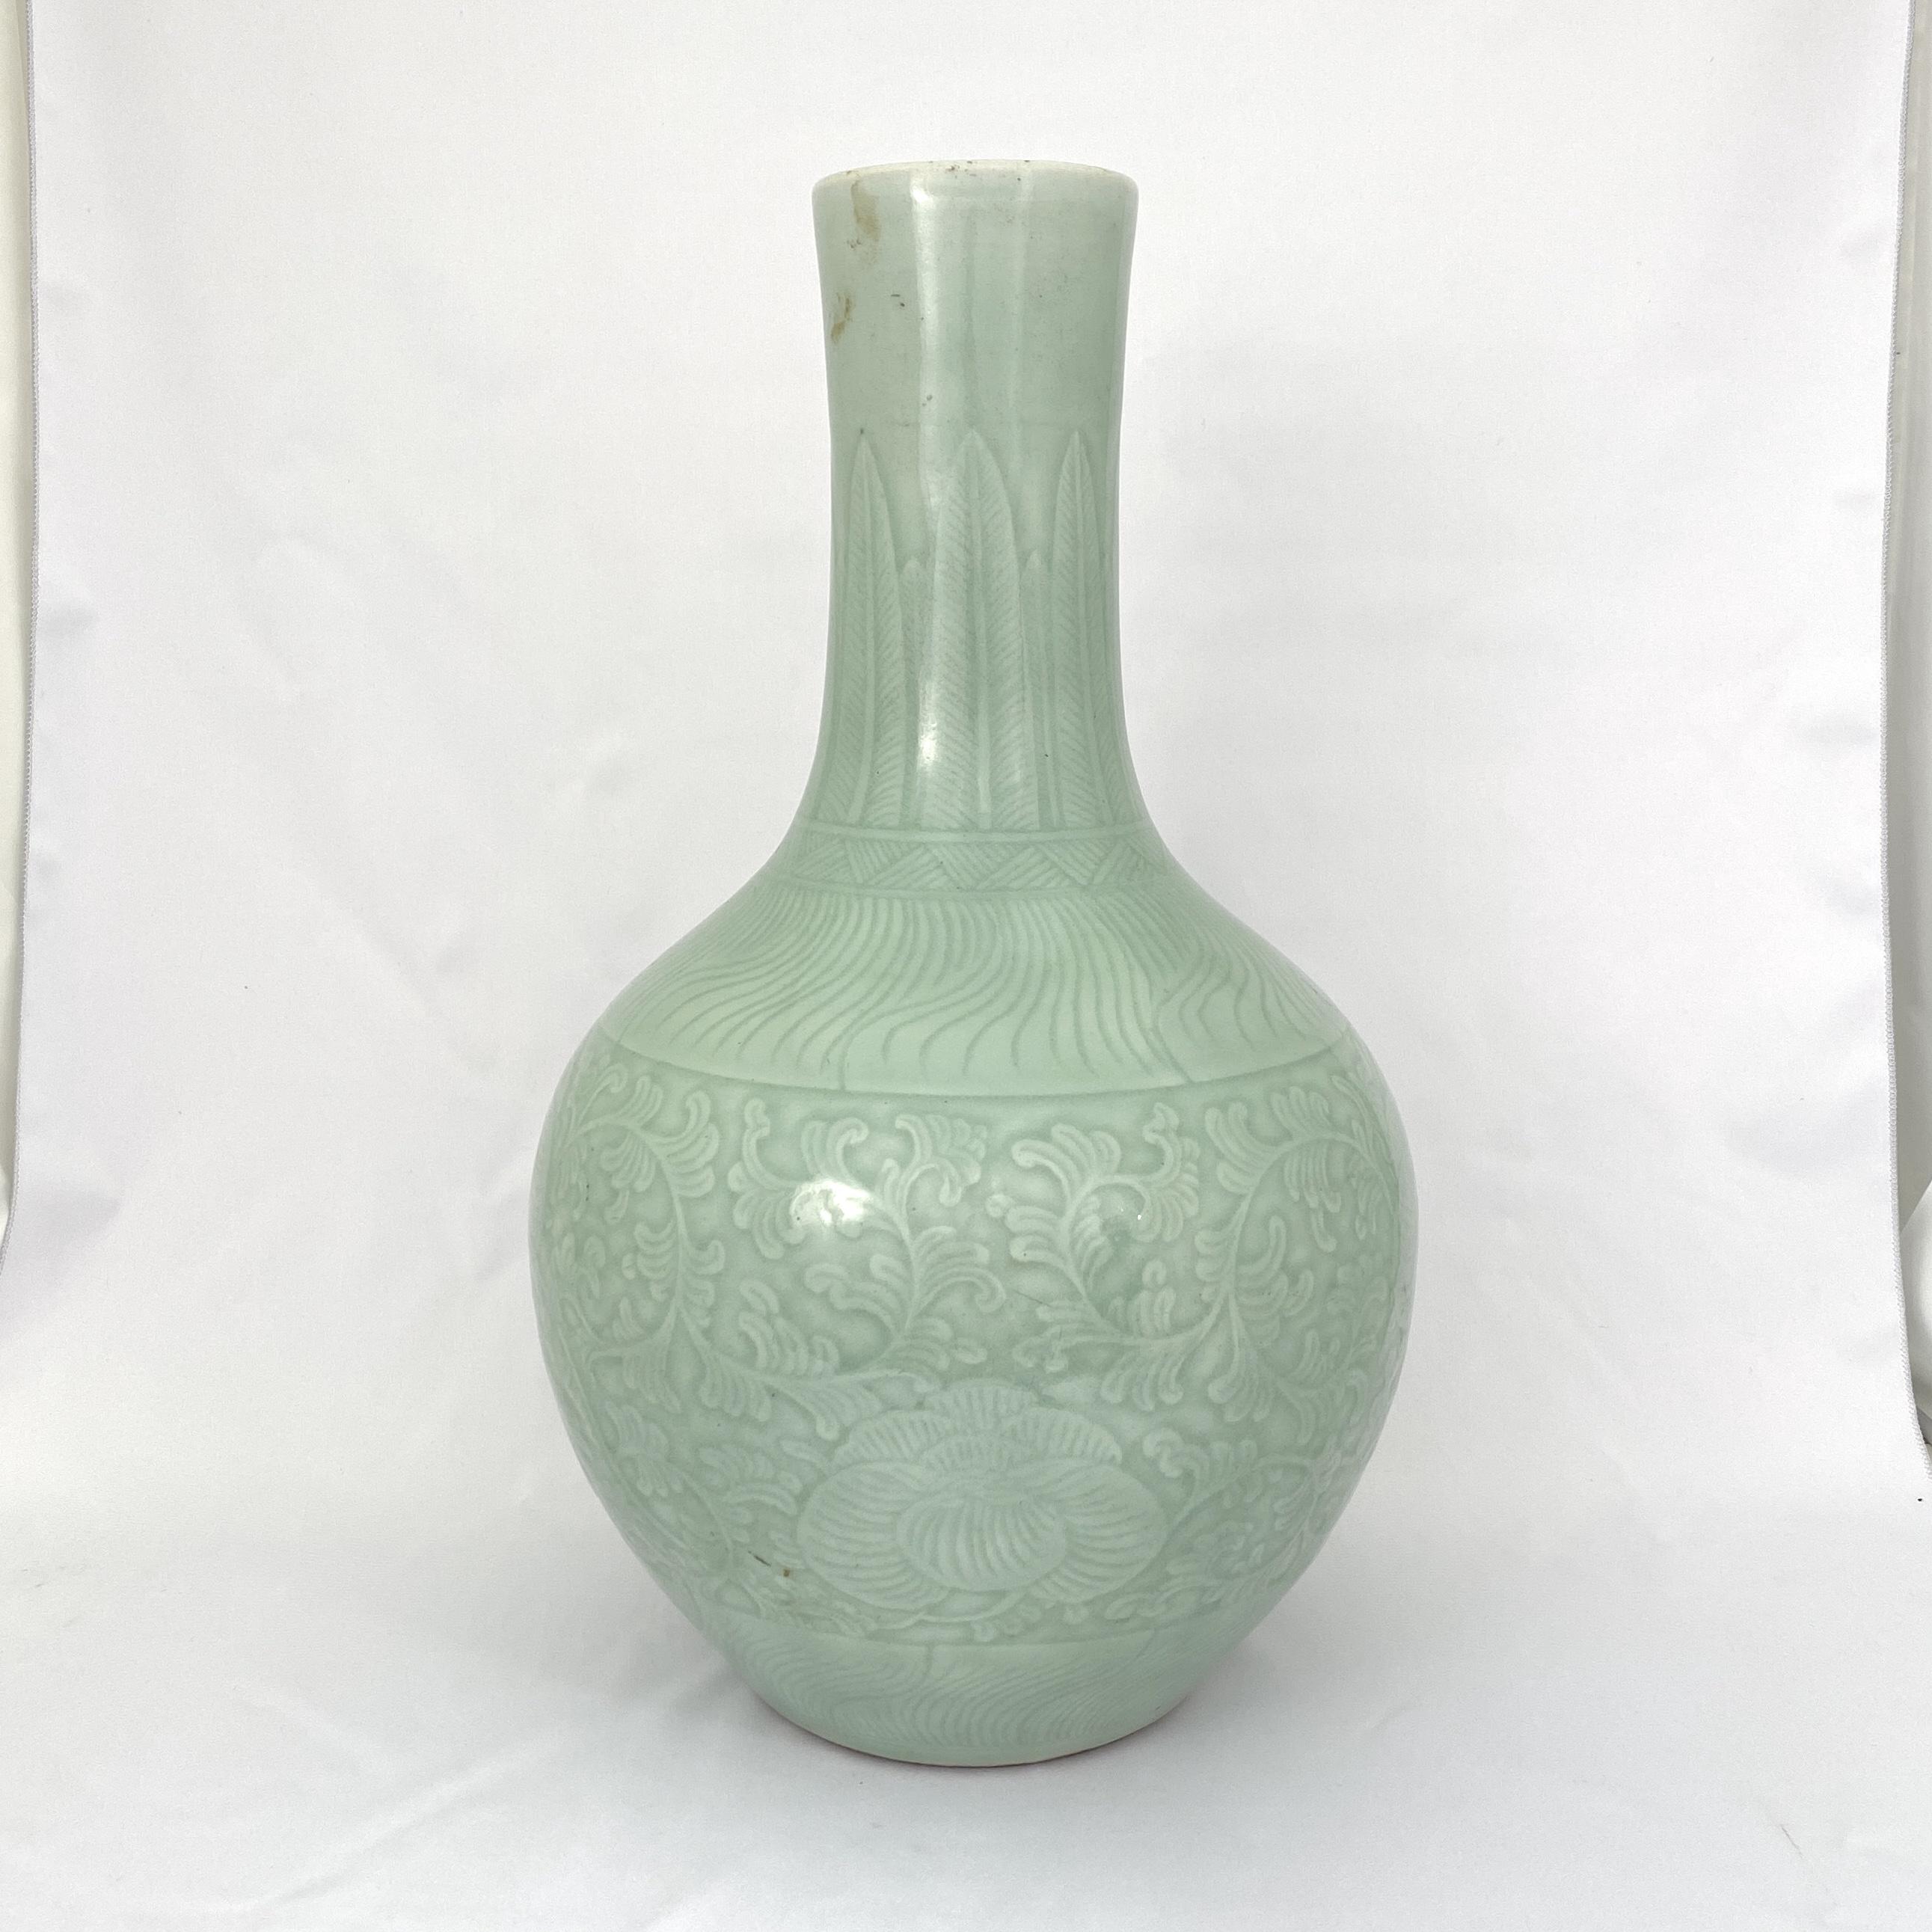 10007清 粉青釉浮雕 花紋 天球瓶